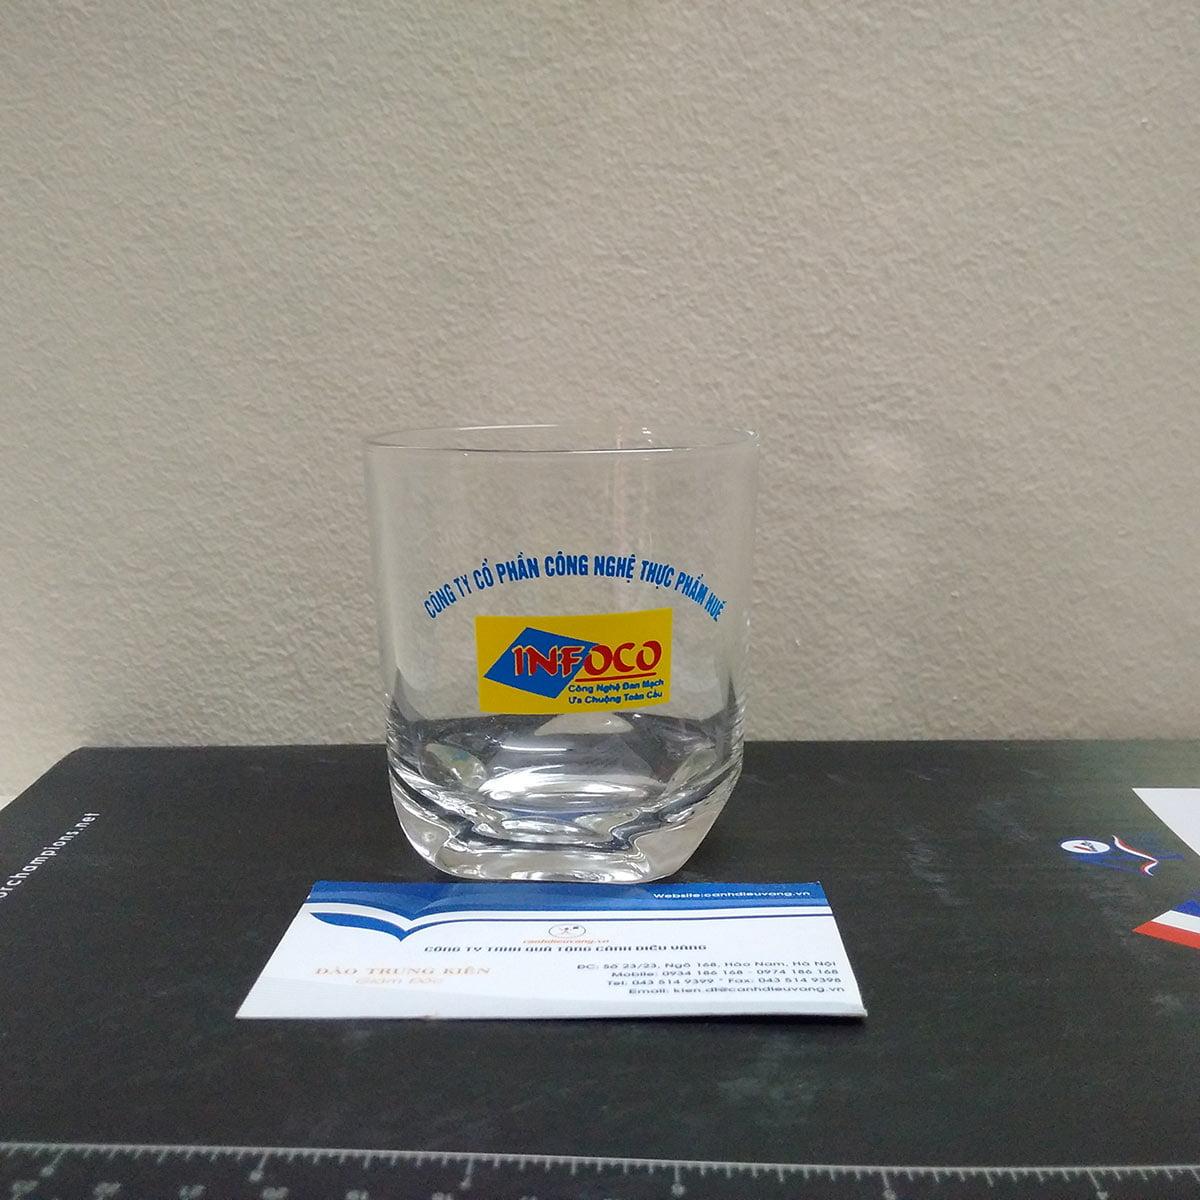 Cốc thủy tinh UG 36